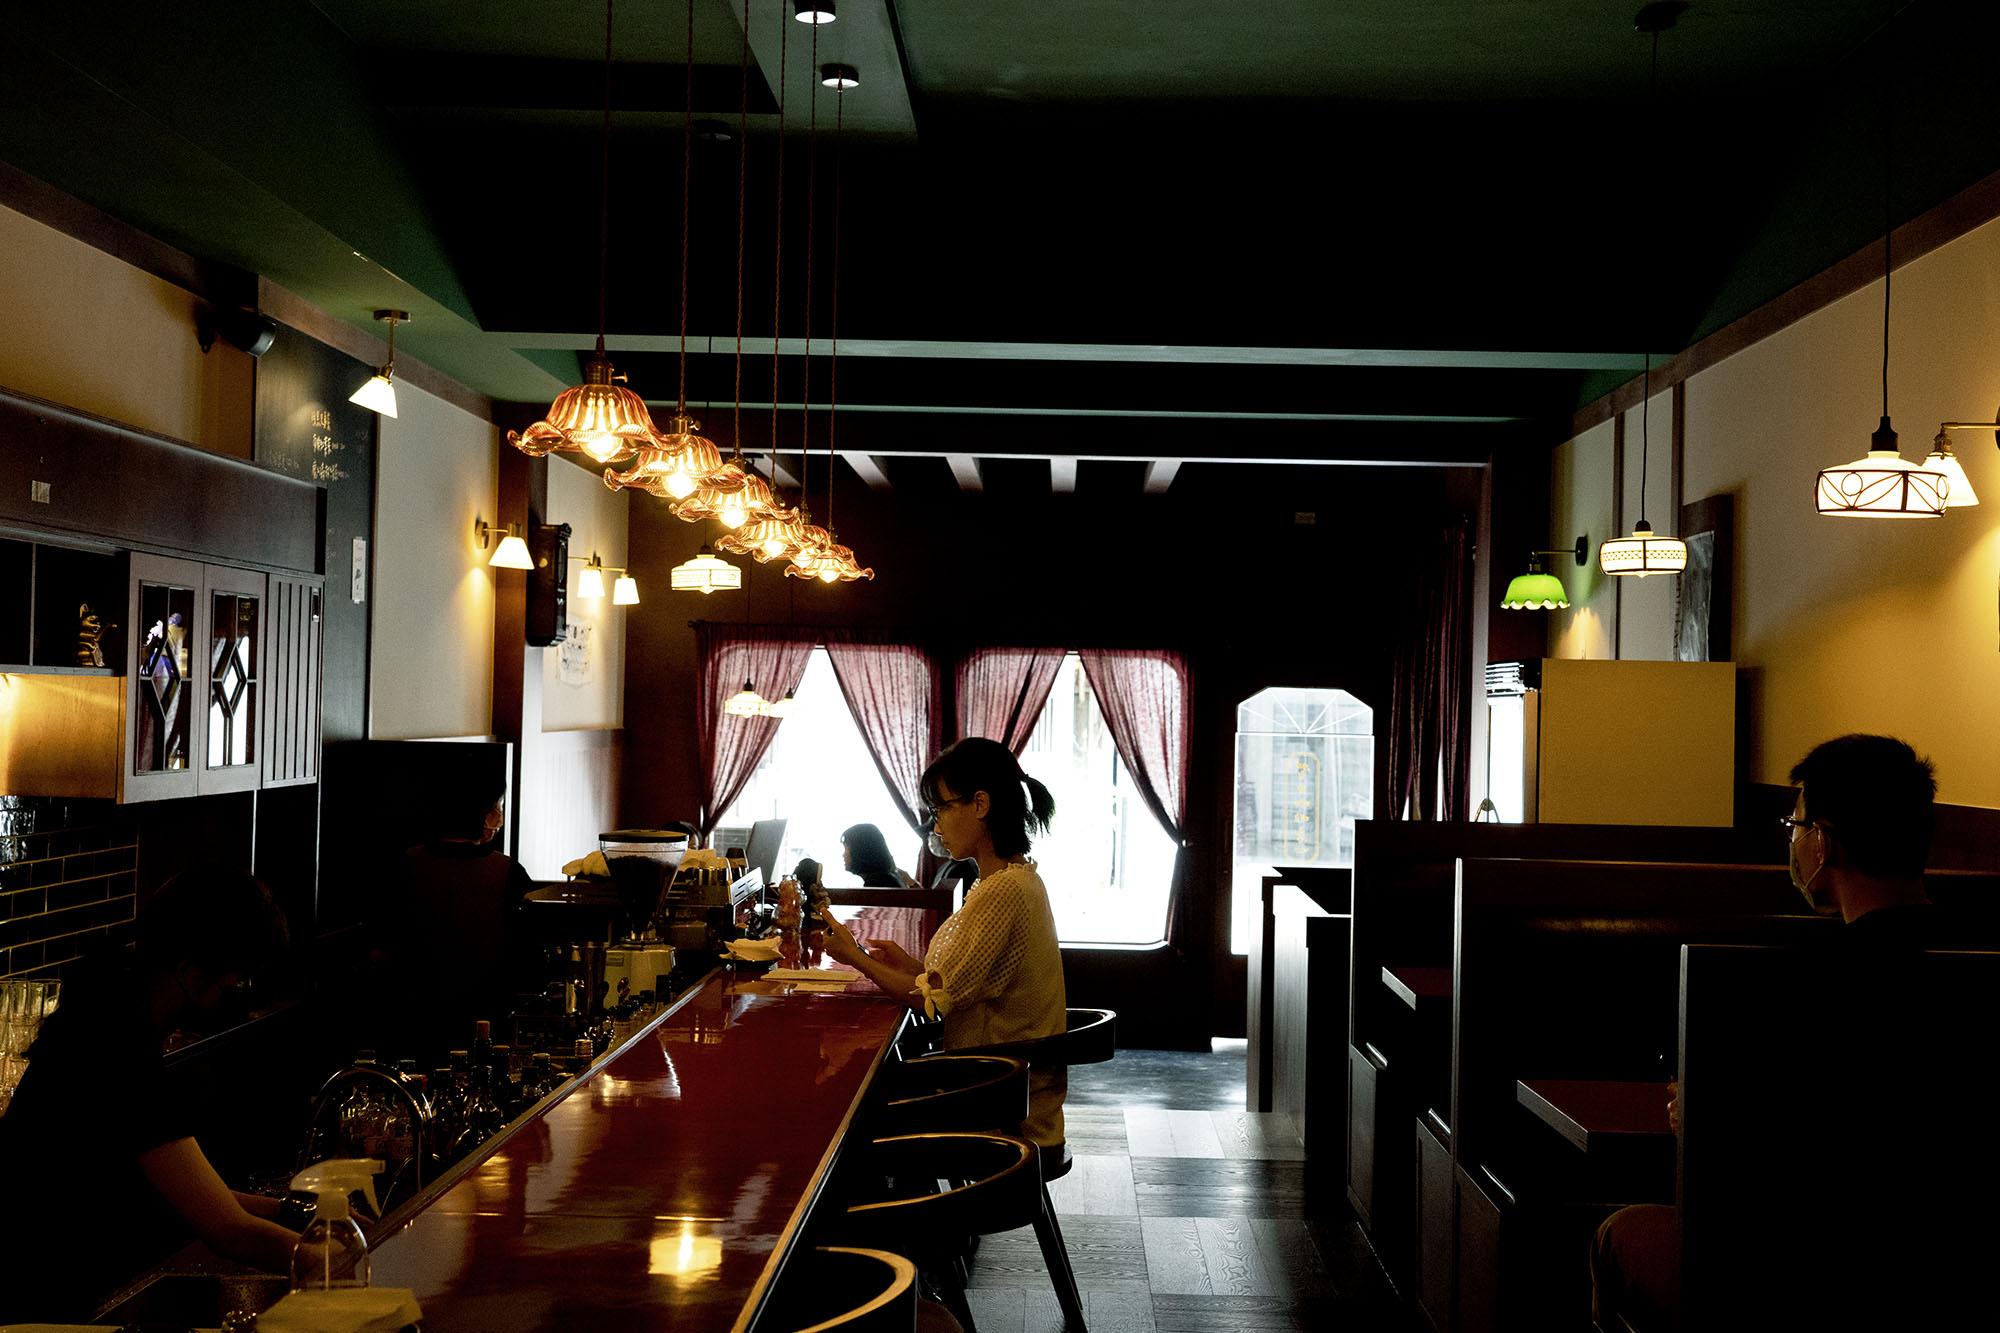 網站近期文章:台北潮州街散步,從翌日咖啡店離去想慢慢散去。